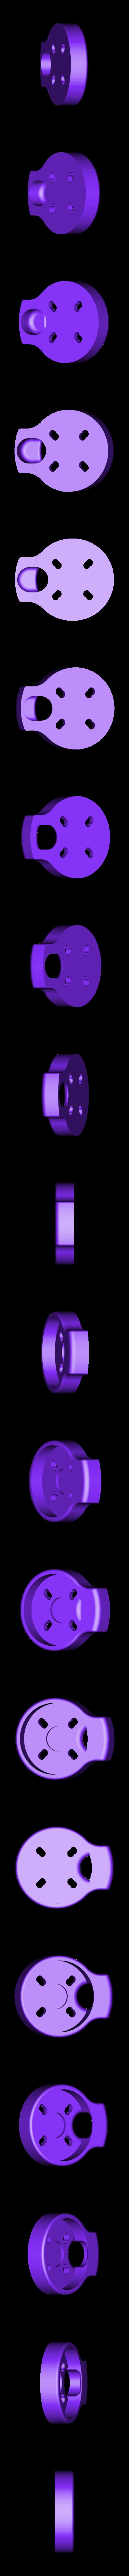 support_01_v1_0.stl Télécharger fichier STL gratuit JALC Moteur de bateau • Modèle pour imprimante 3D, Tanleste46